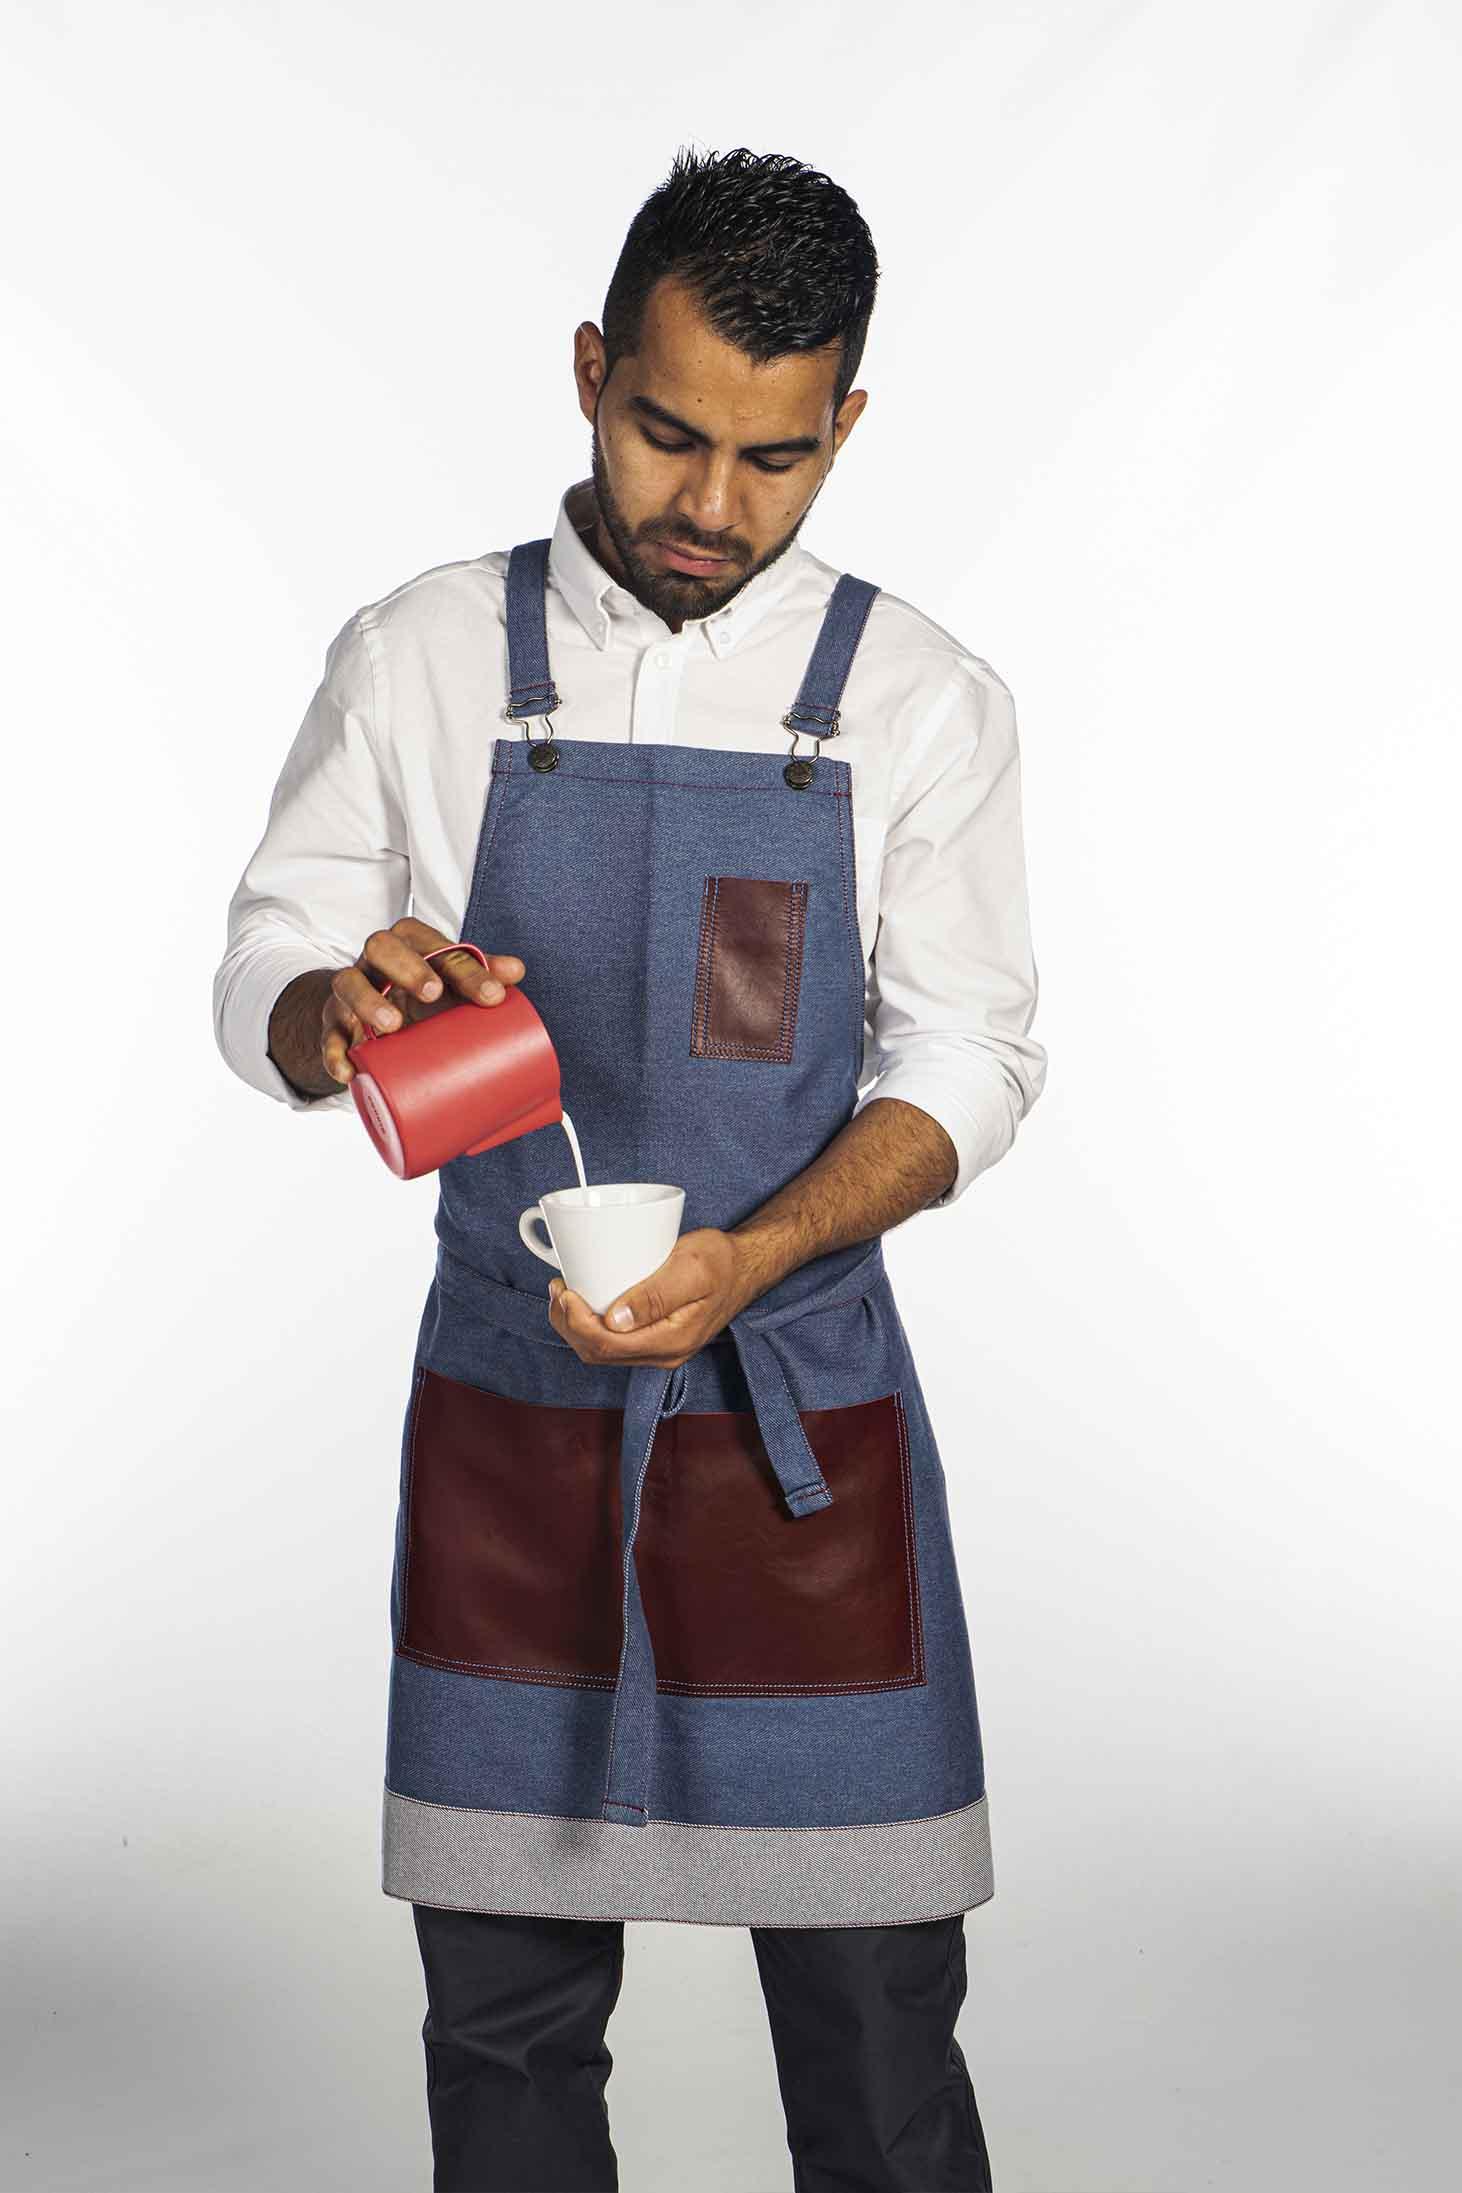 uniformes sector barista